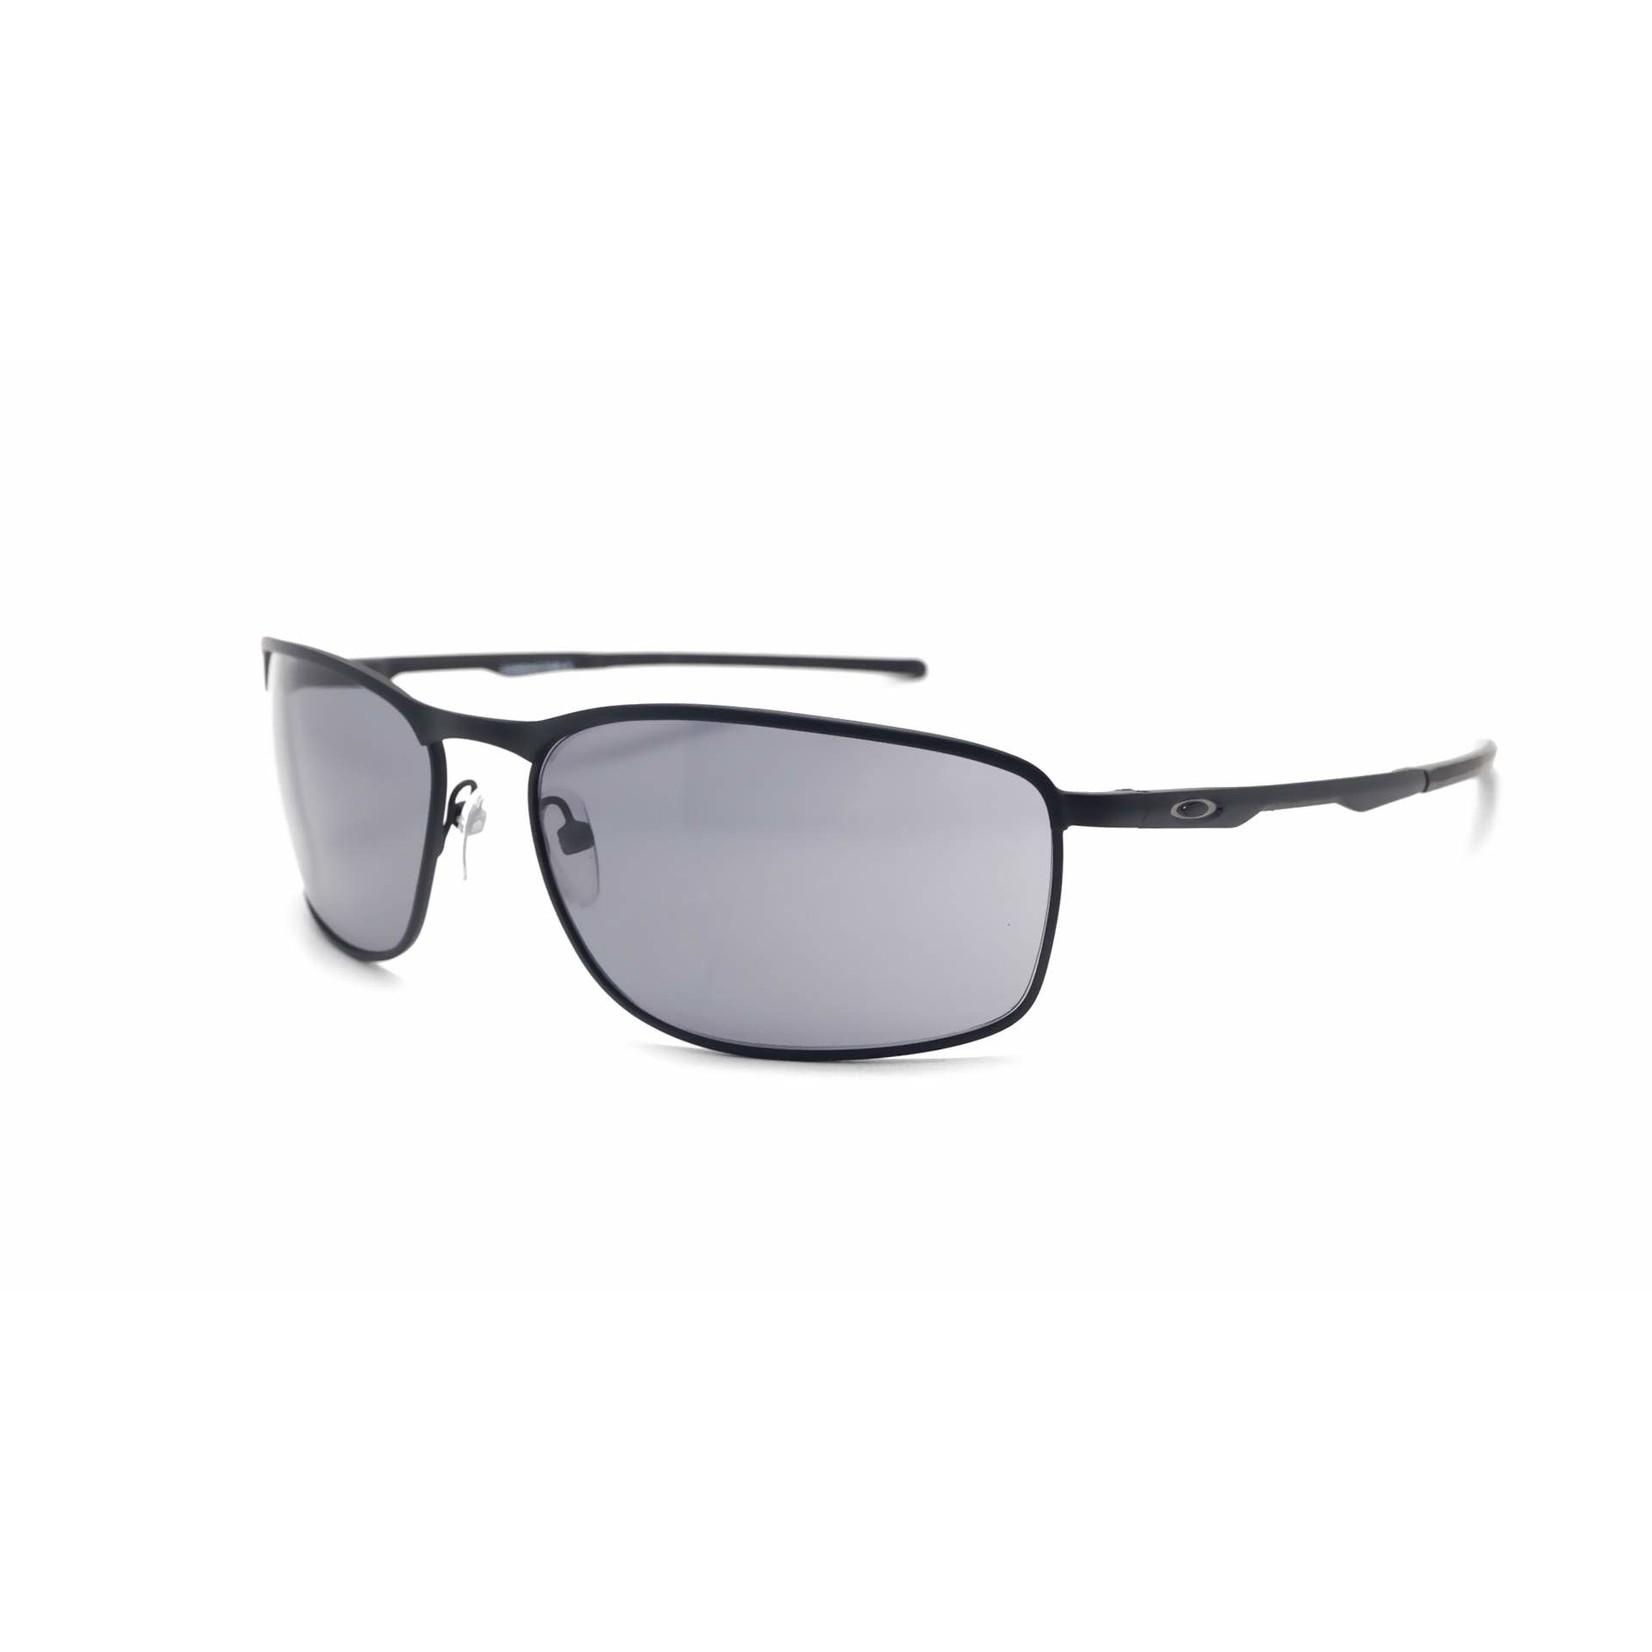 Oakley Oakley Men's Conductor 8 Sunglasses